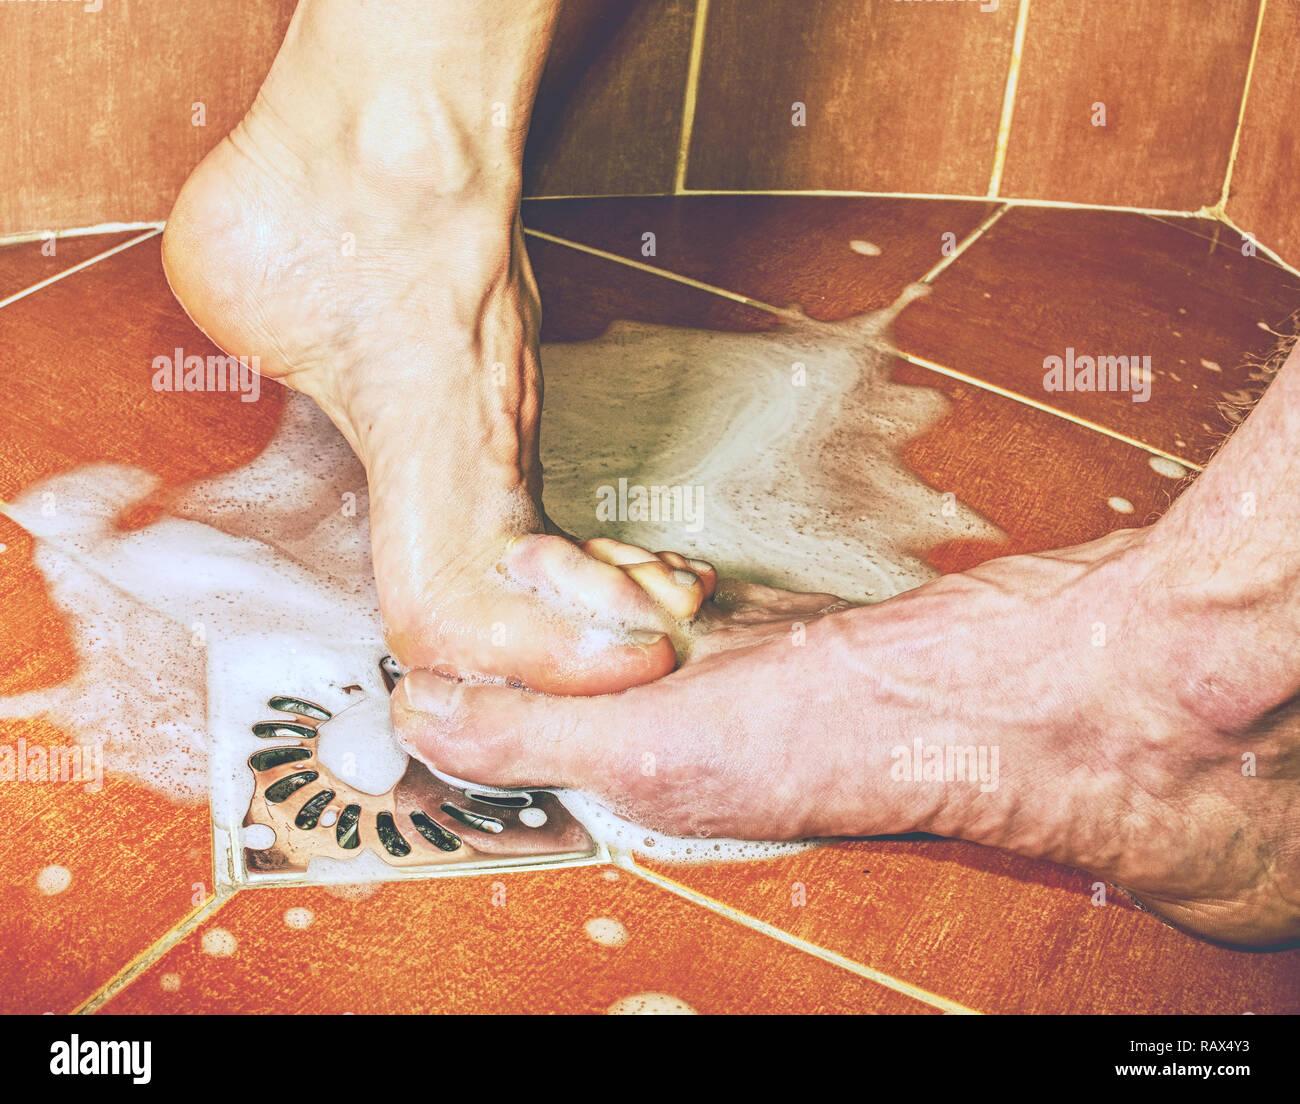 Gli amanti degli adulti giocando con il piede nella sala da bagno con doccia. Bel momento di insieme vivere giovane Foto Stock